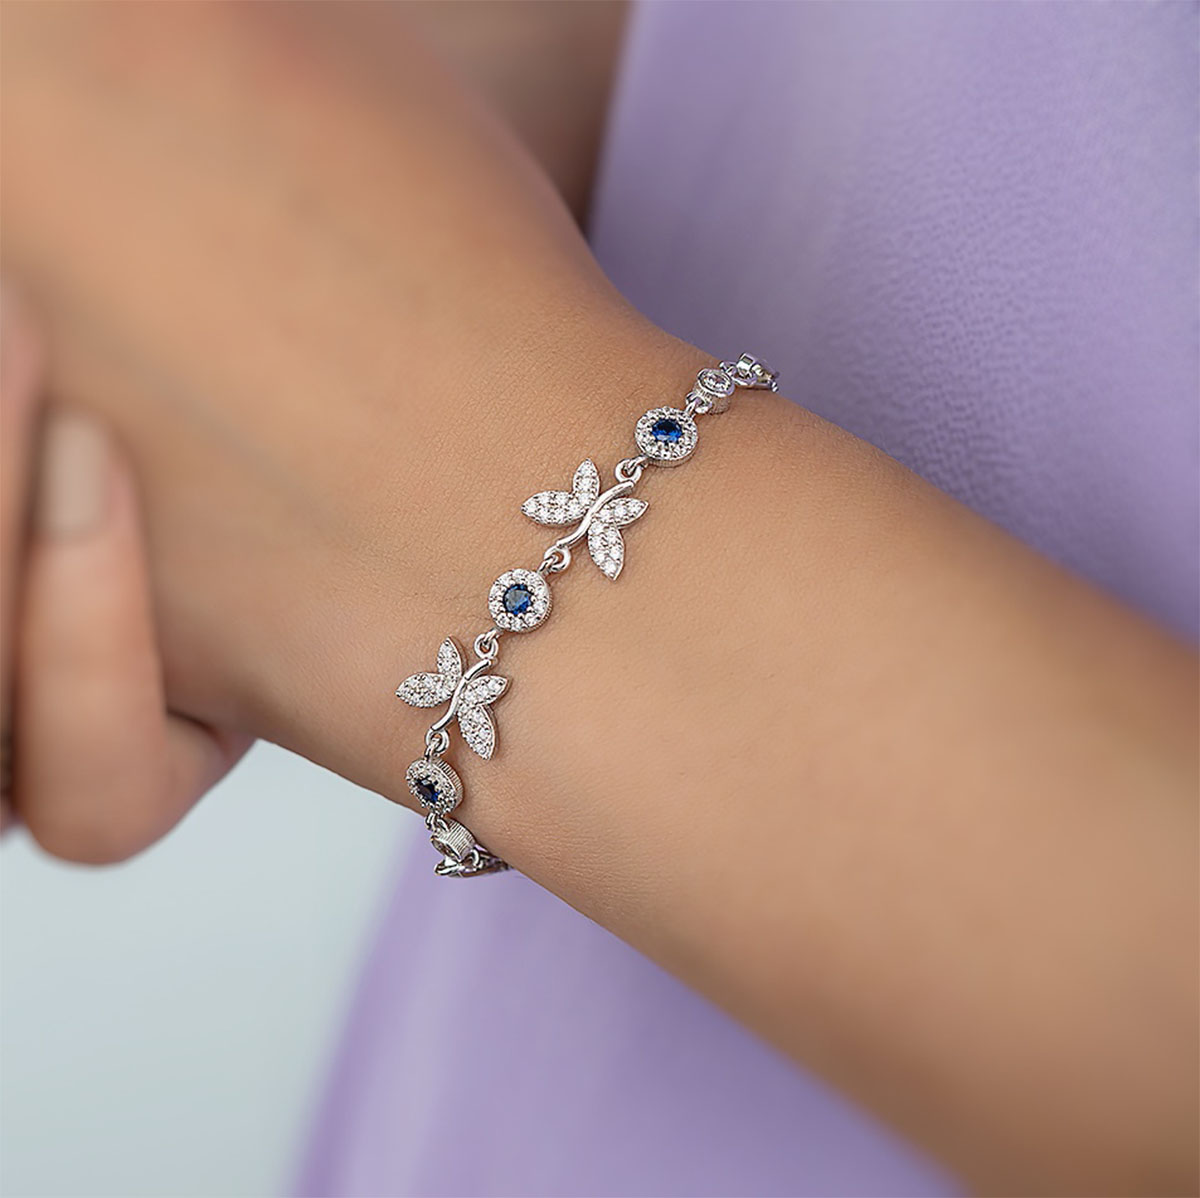 Gümüş Pazarım - Safir Taşlı Kelebek Motifli Gümüş Bileklik (1)